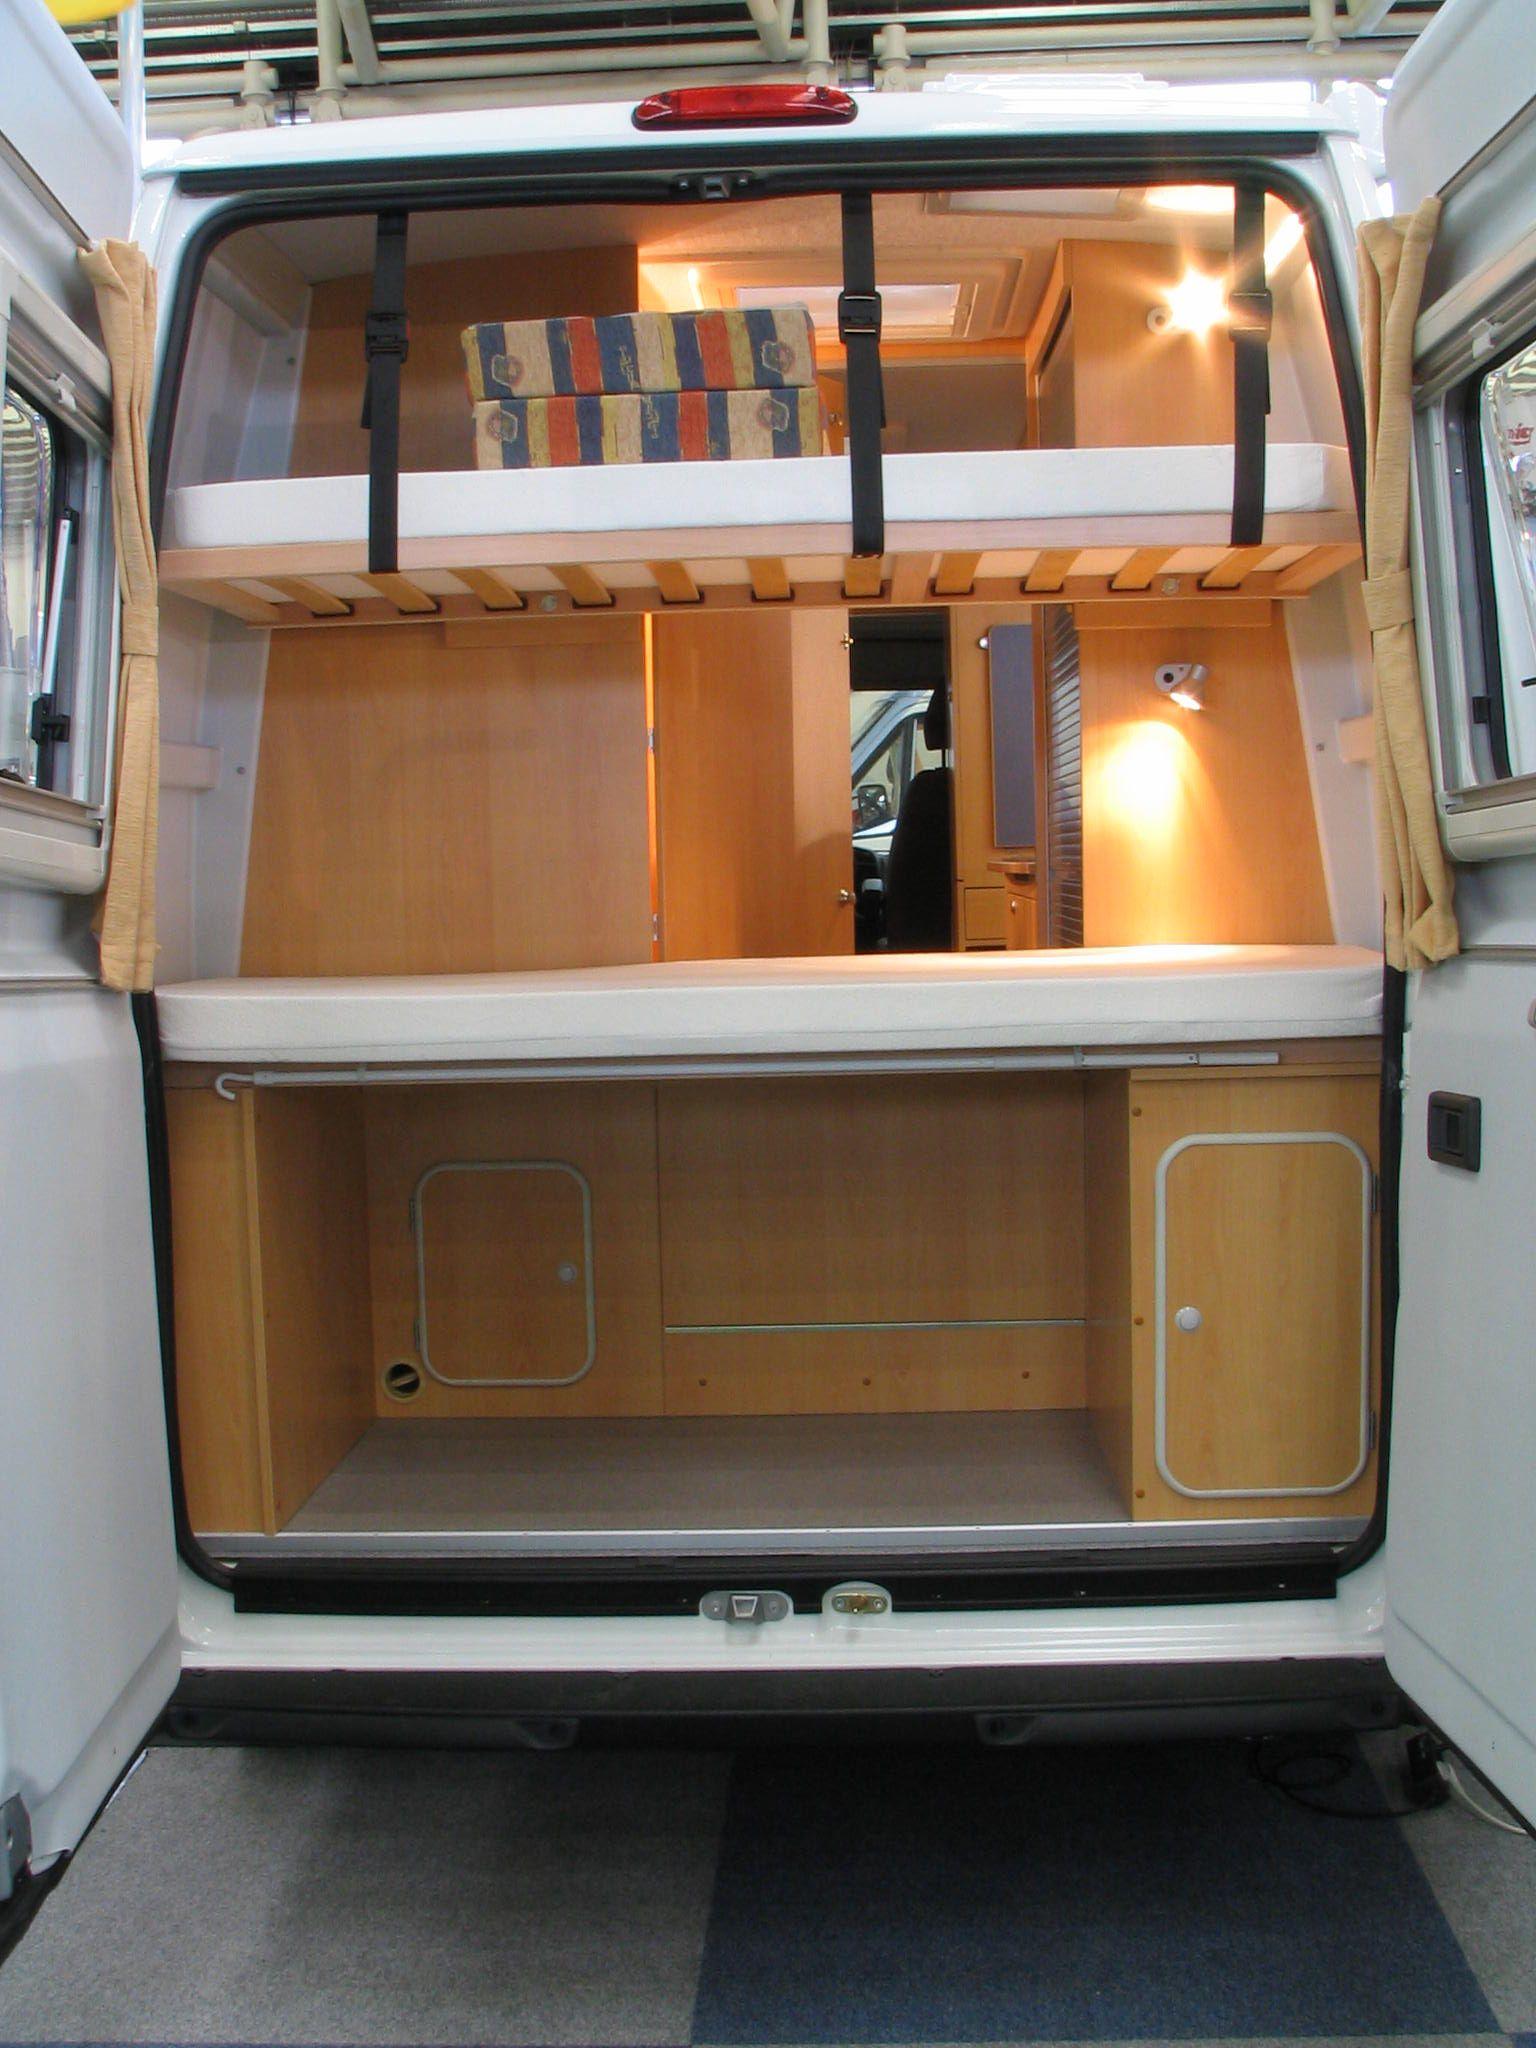 Fiat ducato campingausbau mit stockbetten die eltern - Etagenbett interio ...